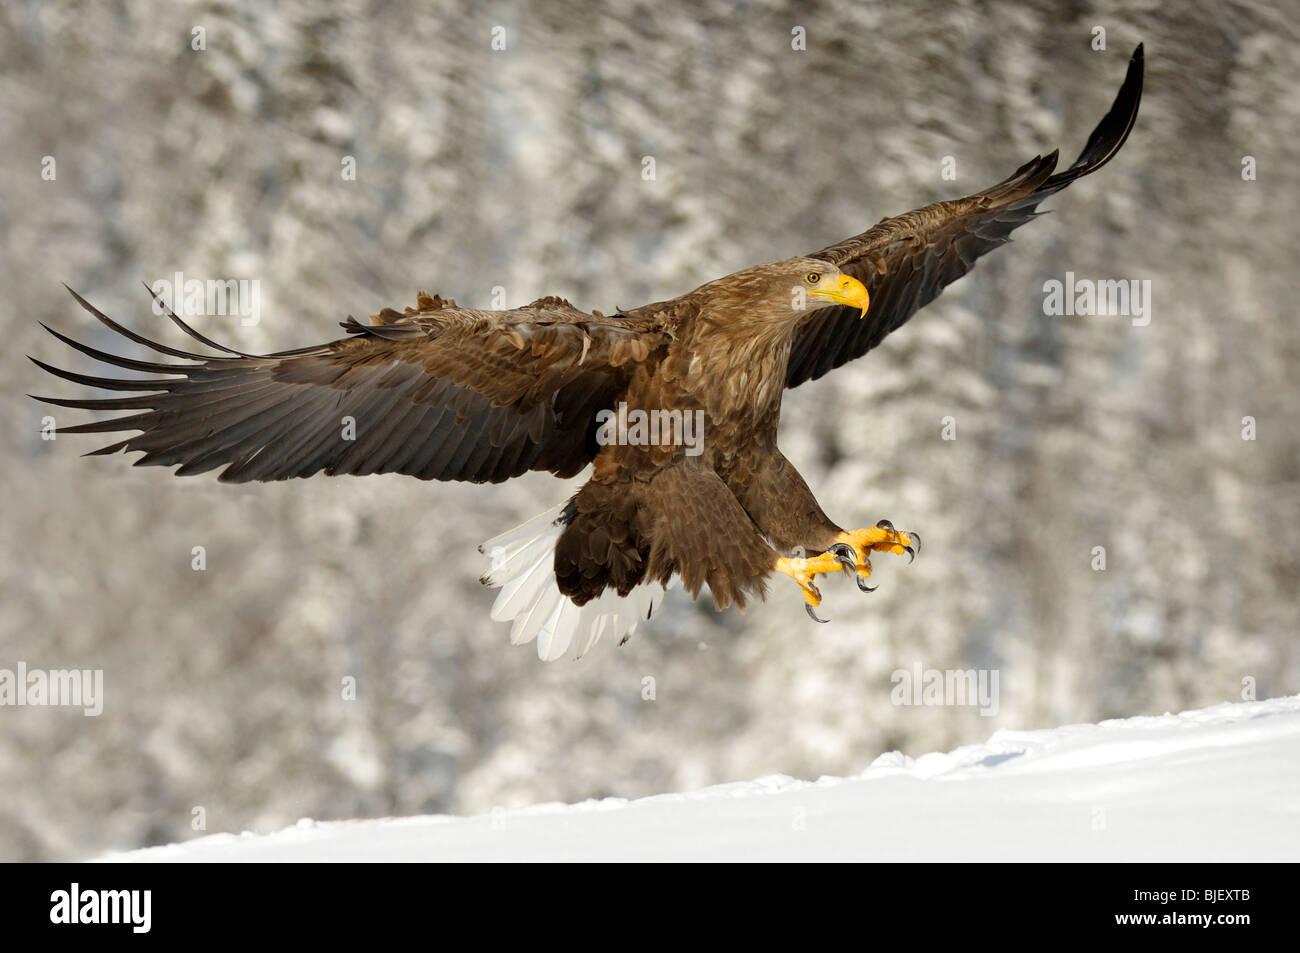 White-Tailed Eagle (Haliaeetus albicilla), adulto in approccio di atterraggio. Immagini Stock